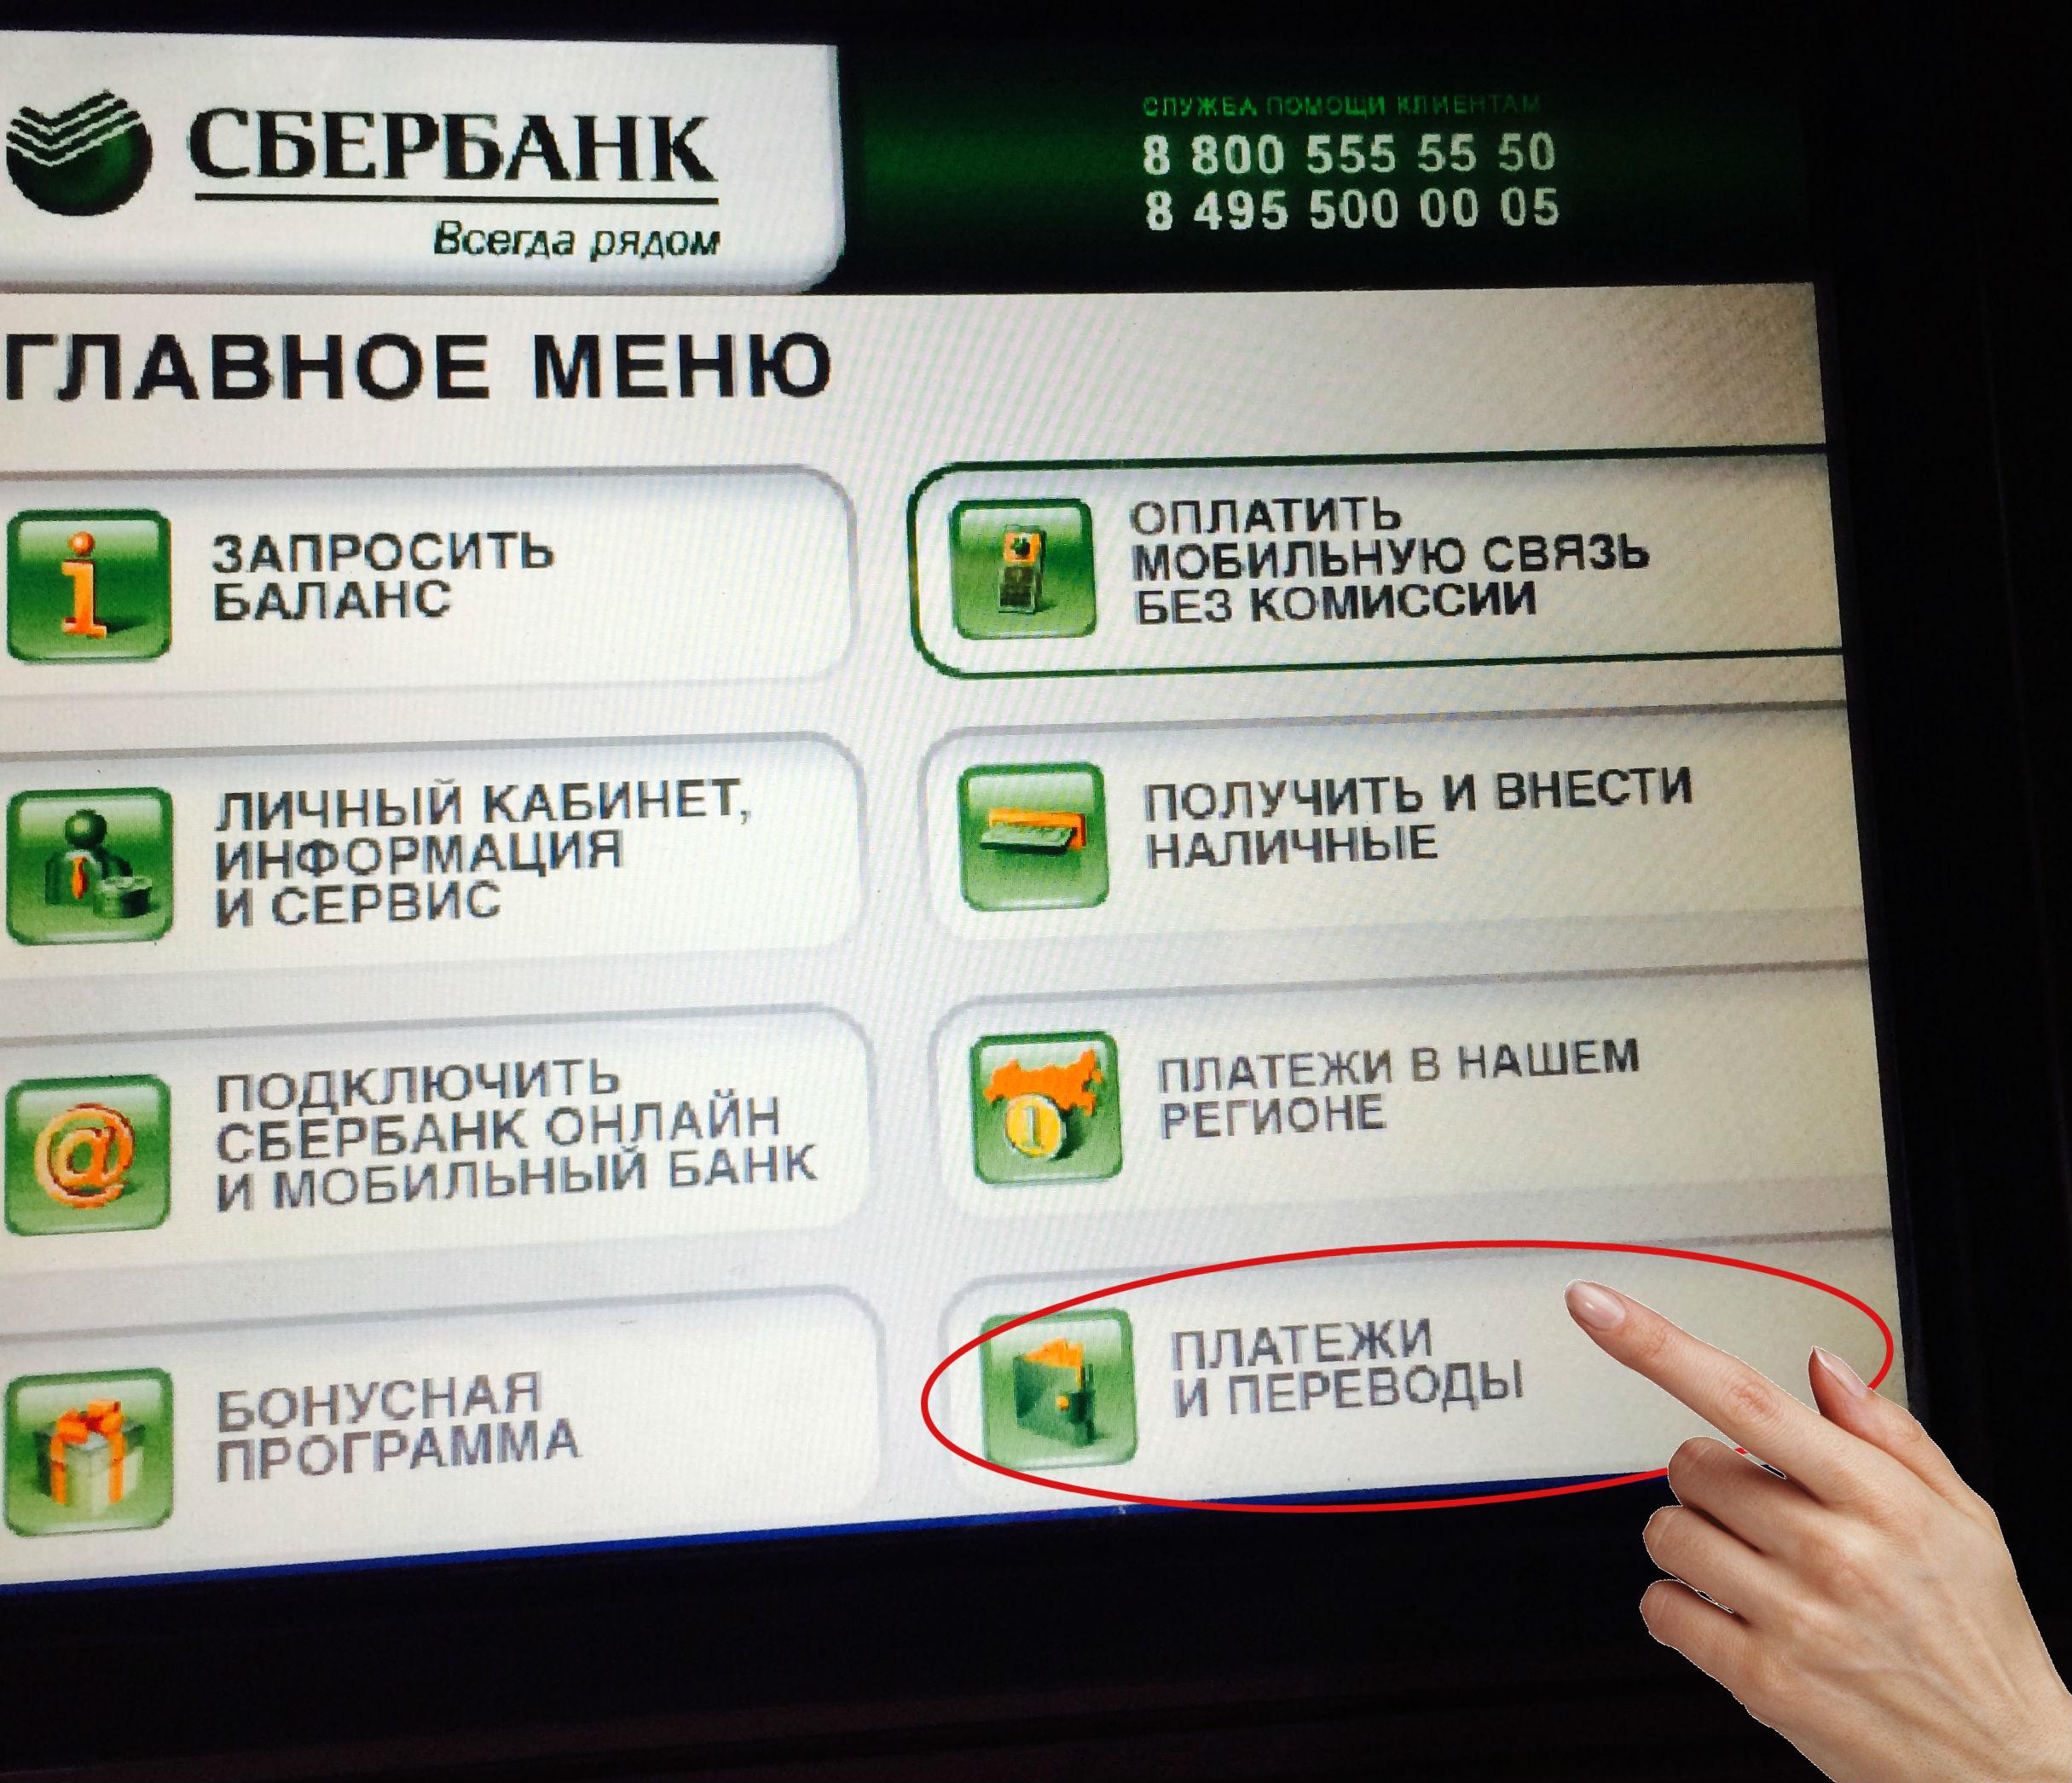 «Сбербанк» - Безналичный перевод по России с карты 23